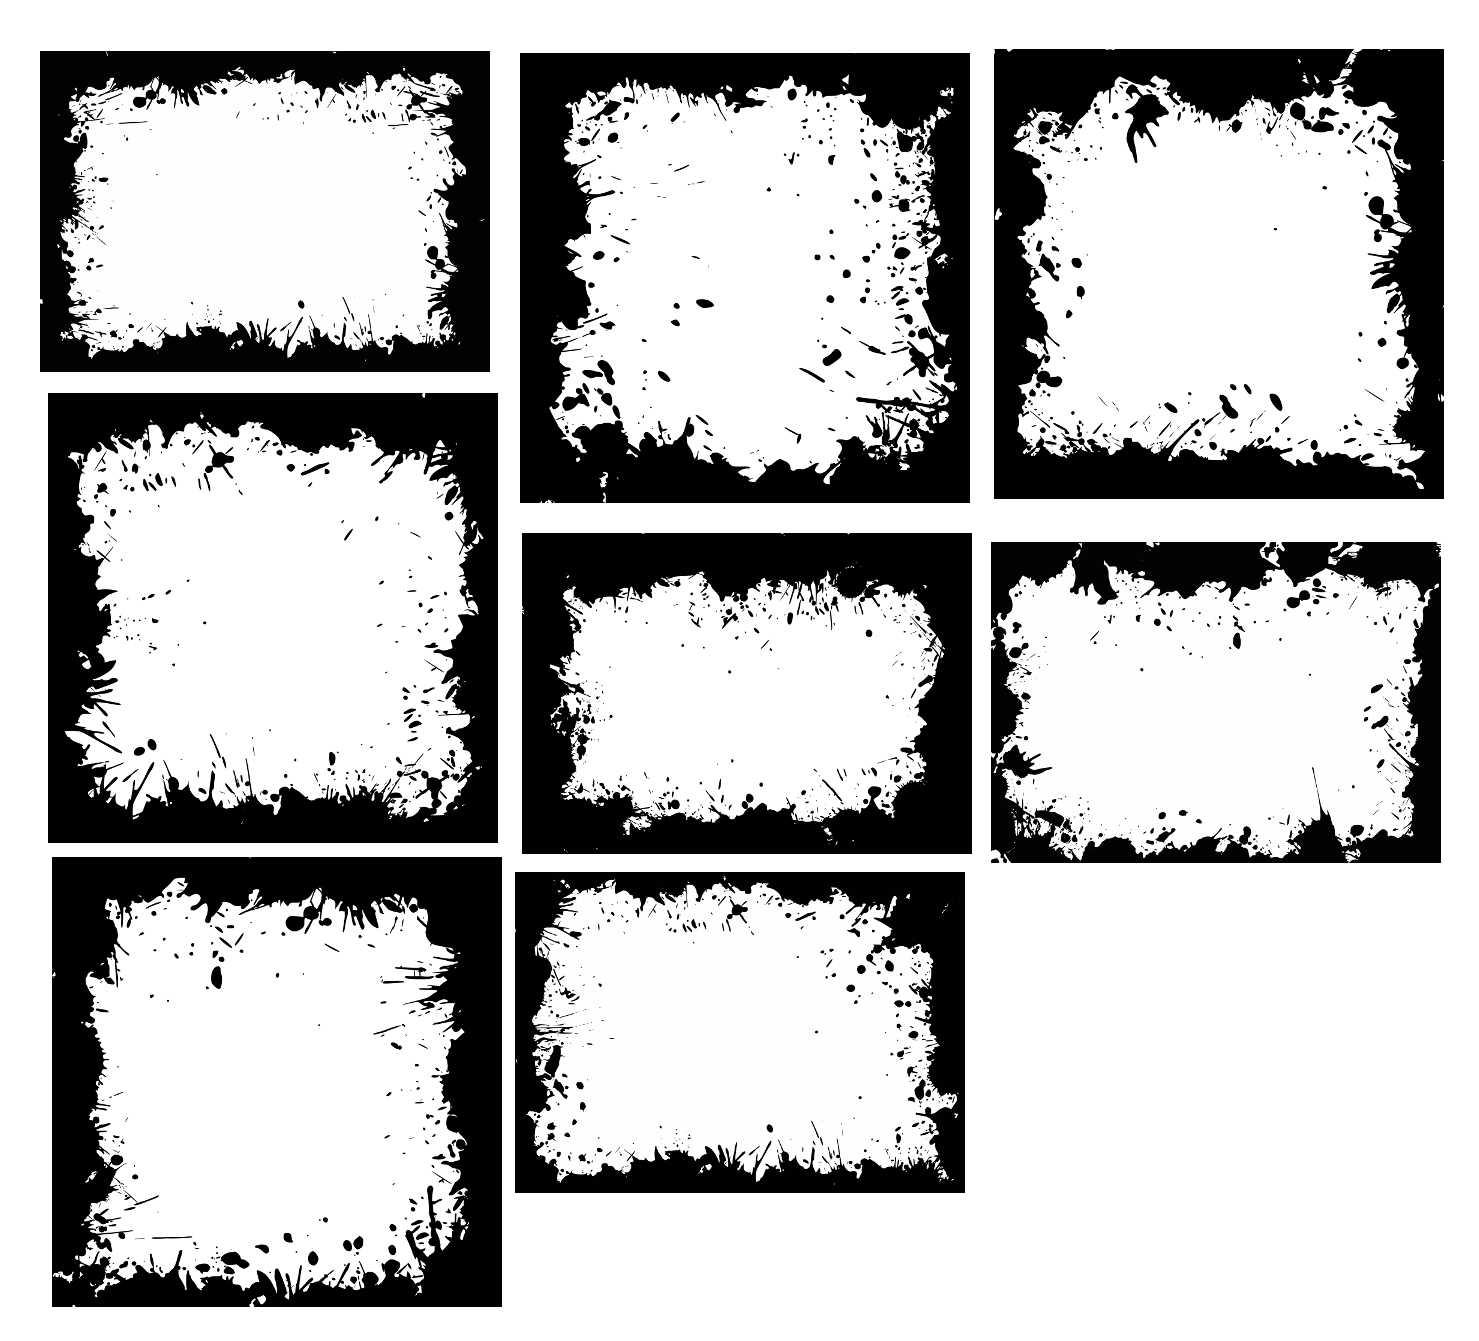 8-black-splatter-frame-cover.jpg